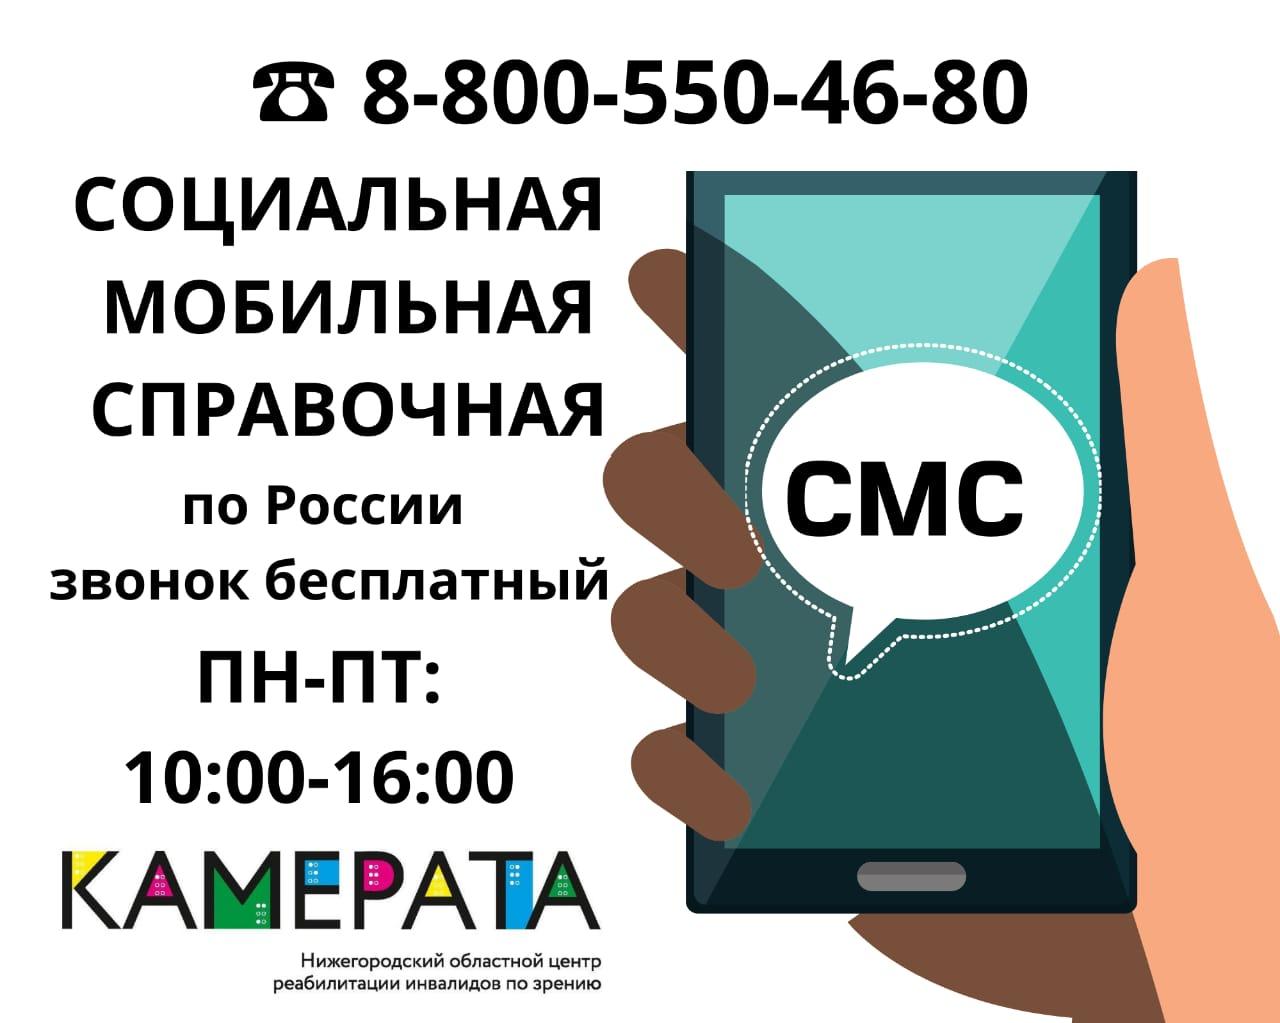 Служба СМС помощи - 8-800-550-46-80.